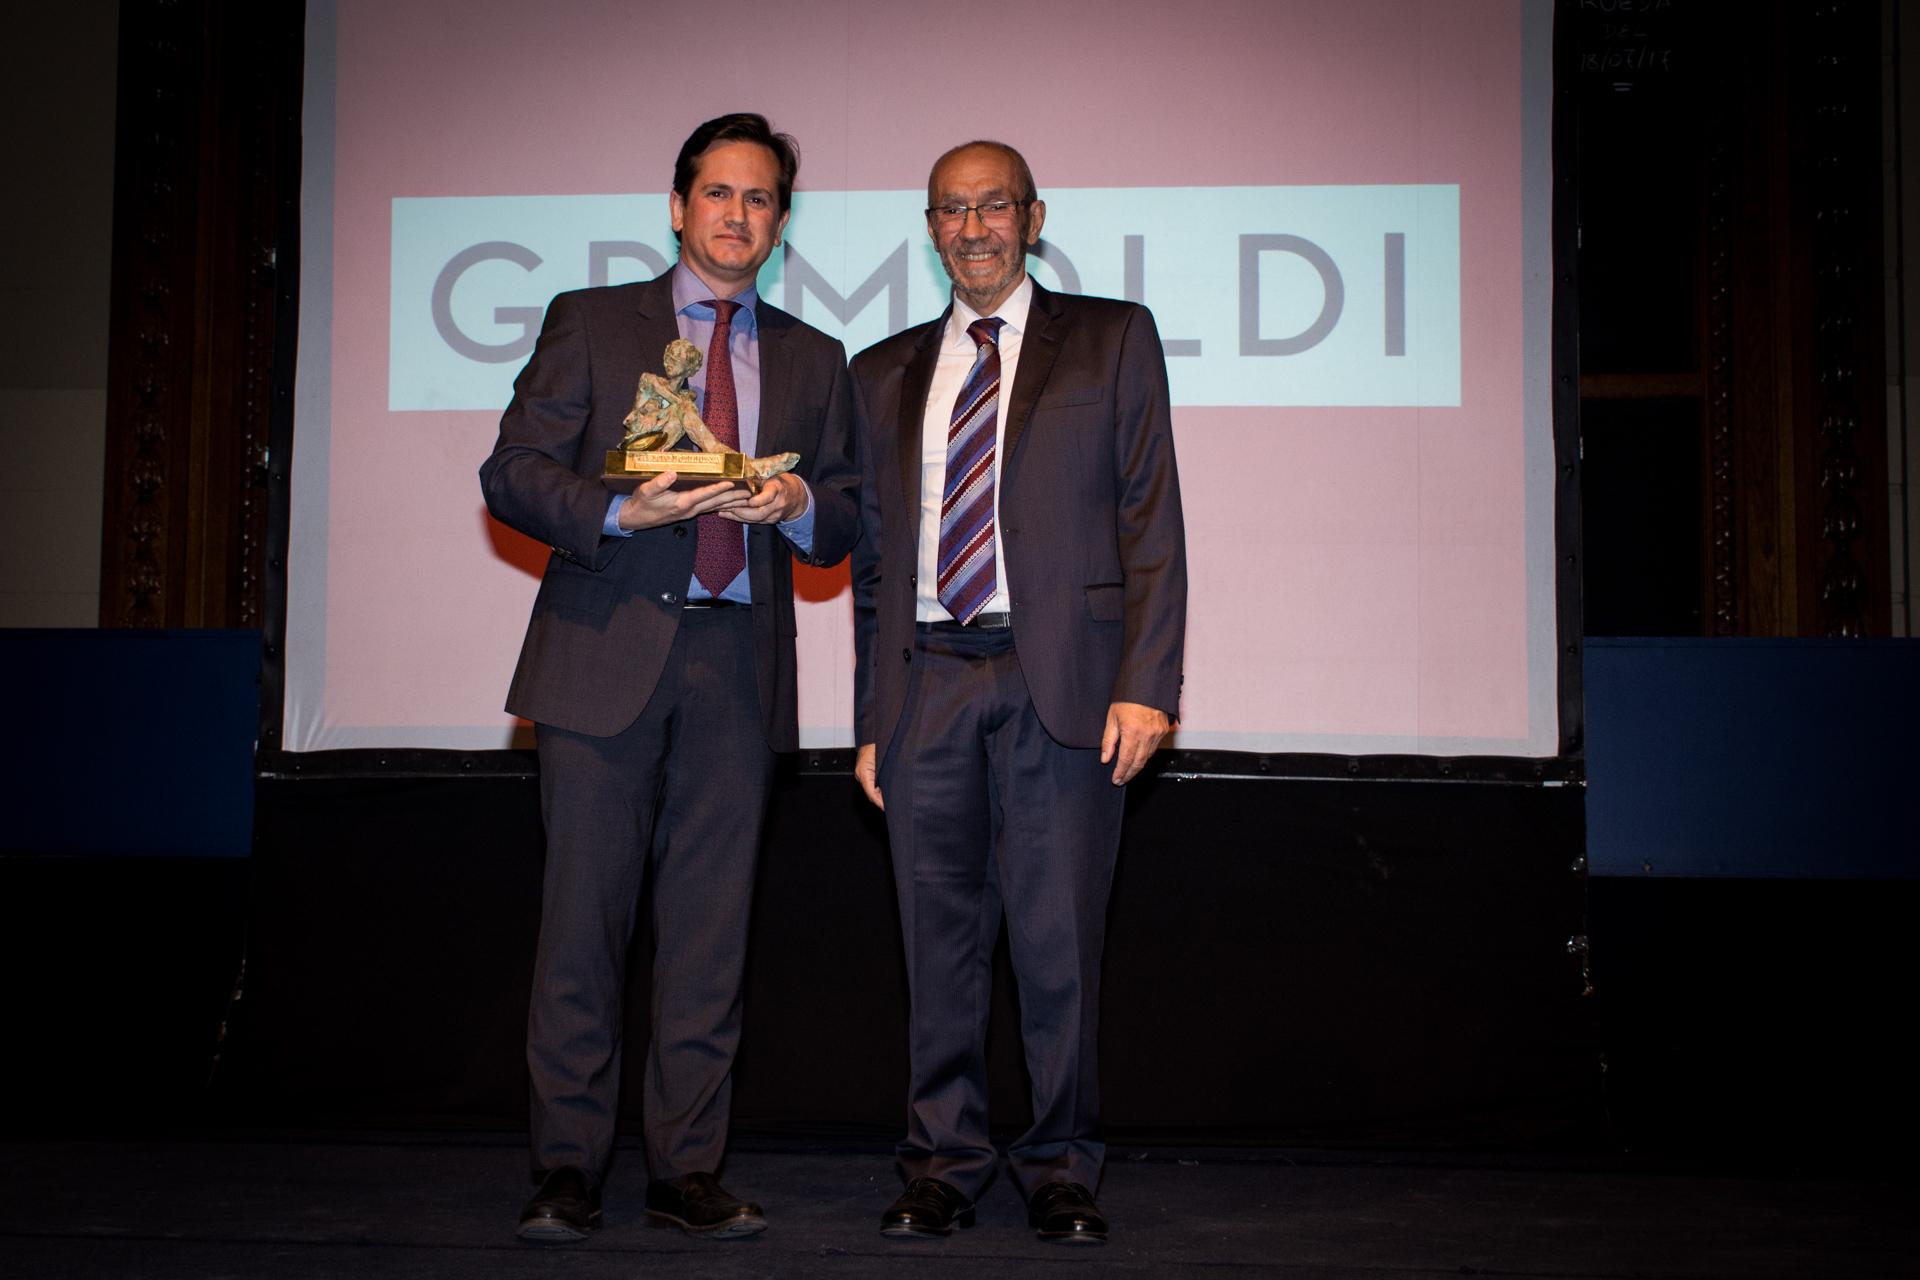 Grimoldi fue elegida en la categoría Mejor Empresa Textil e Indumentaria. El premio fue recibido por el director de marcas, Hernán Grimoldi